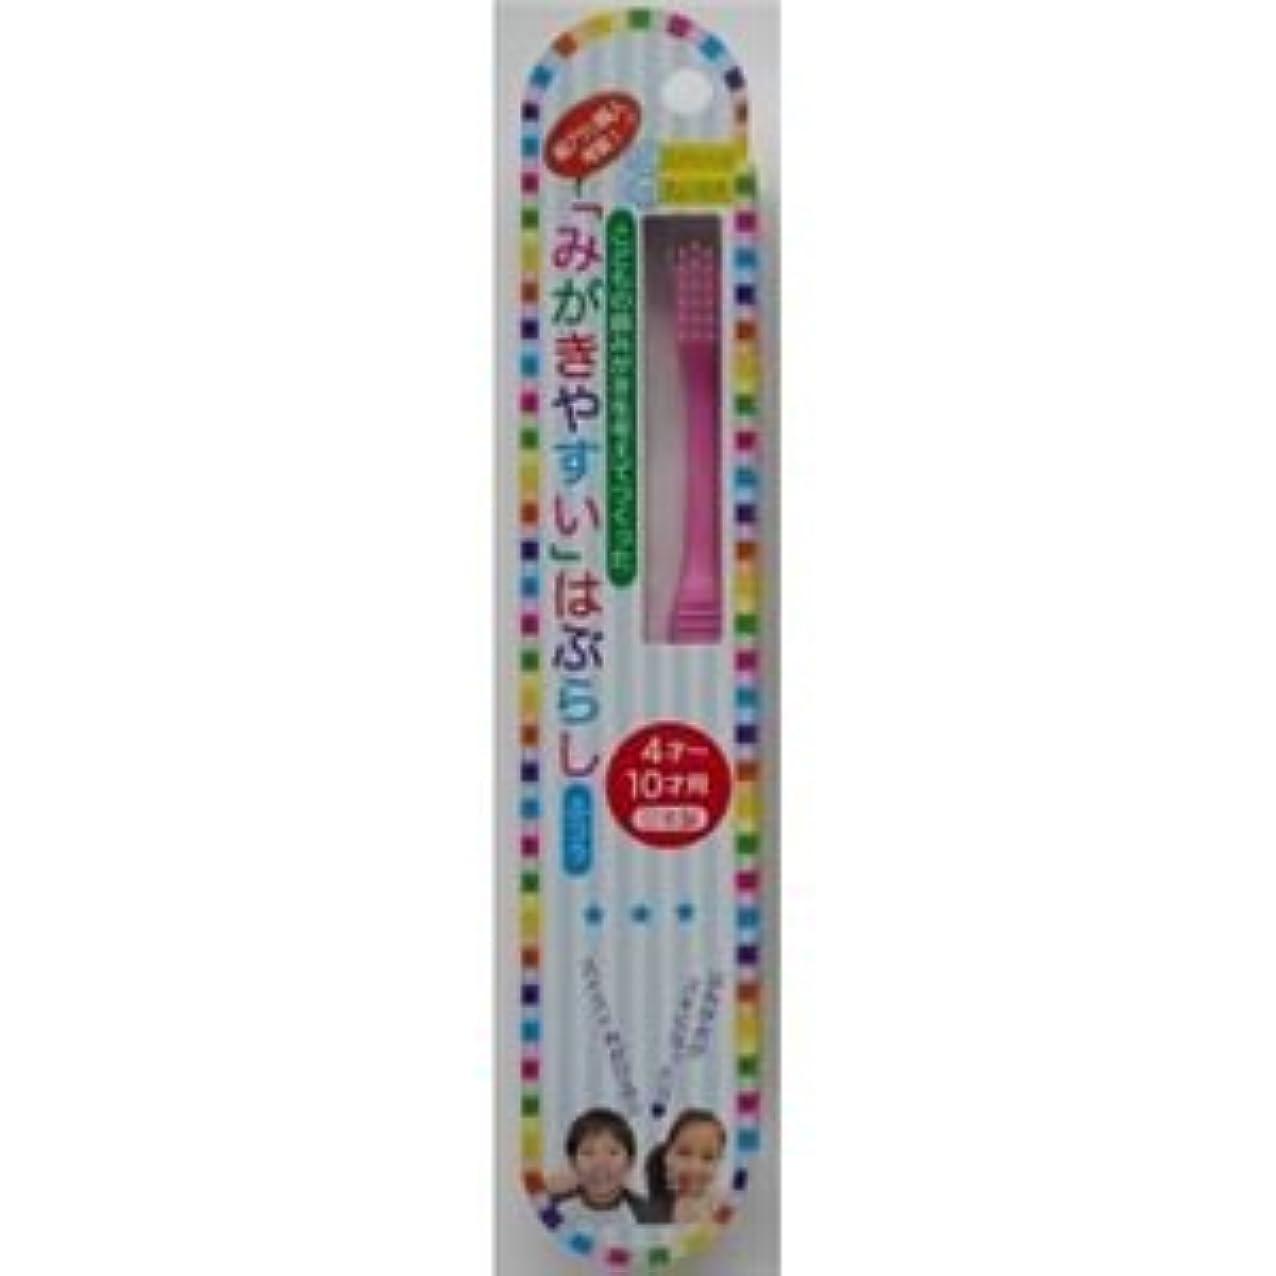 絶壁家庭平らな(まとめ)ライフレンジ 磨きやすい歯ブラシ LT-10 「磨きやすい」歯ブラシ こども用 【×12点セット】